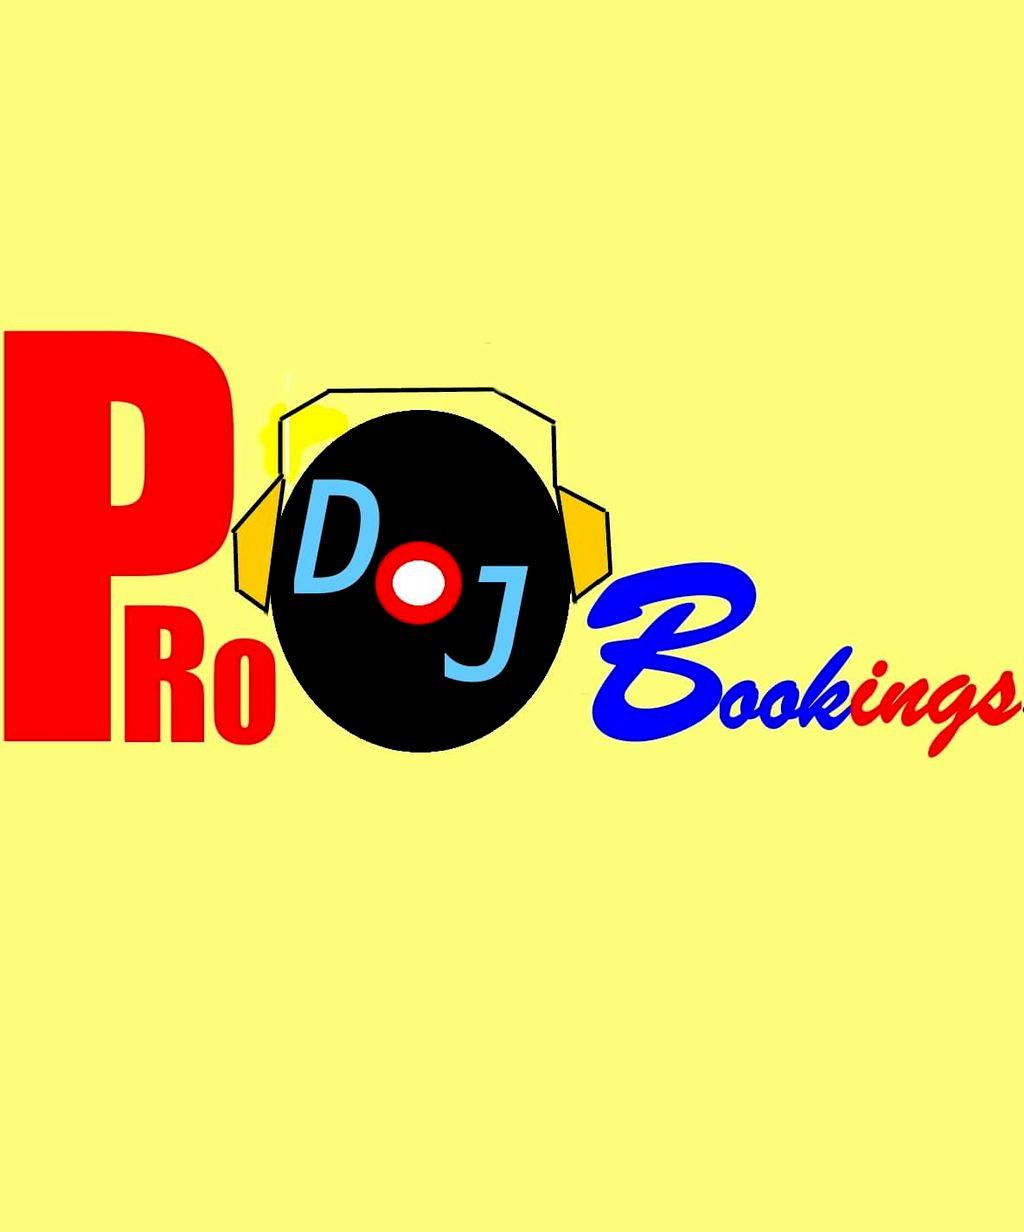 Pro Dj Bookings